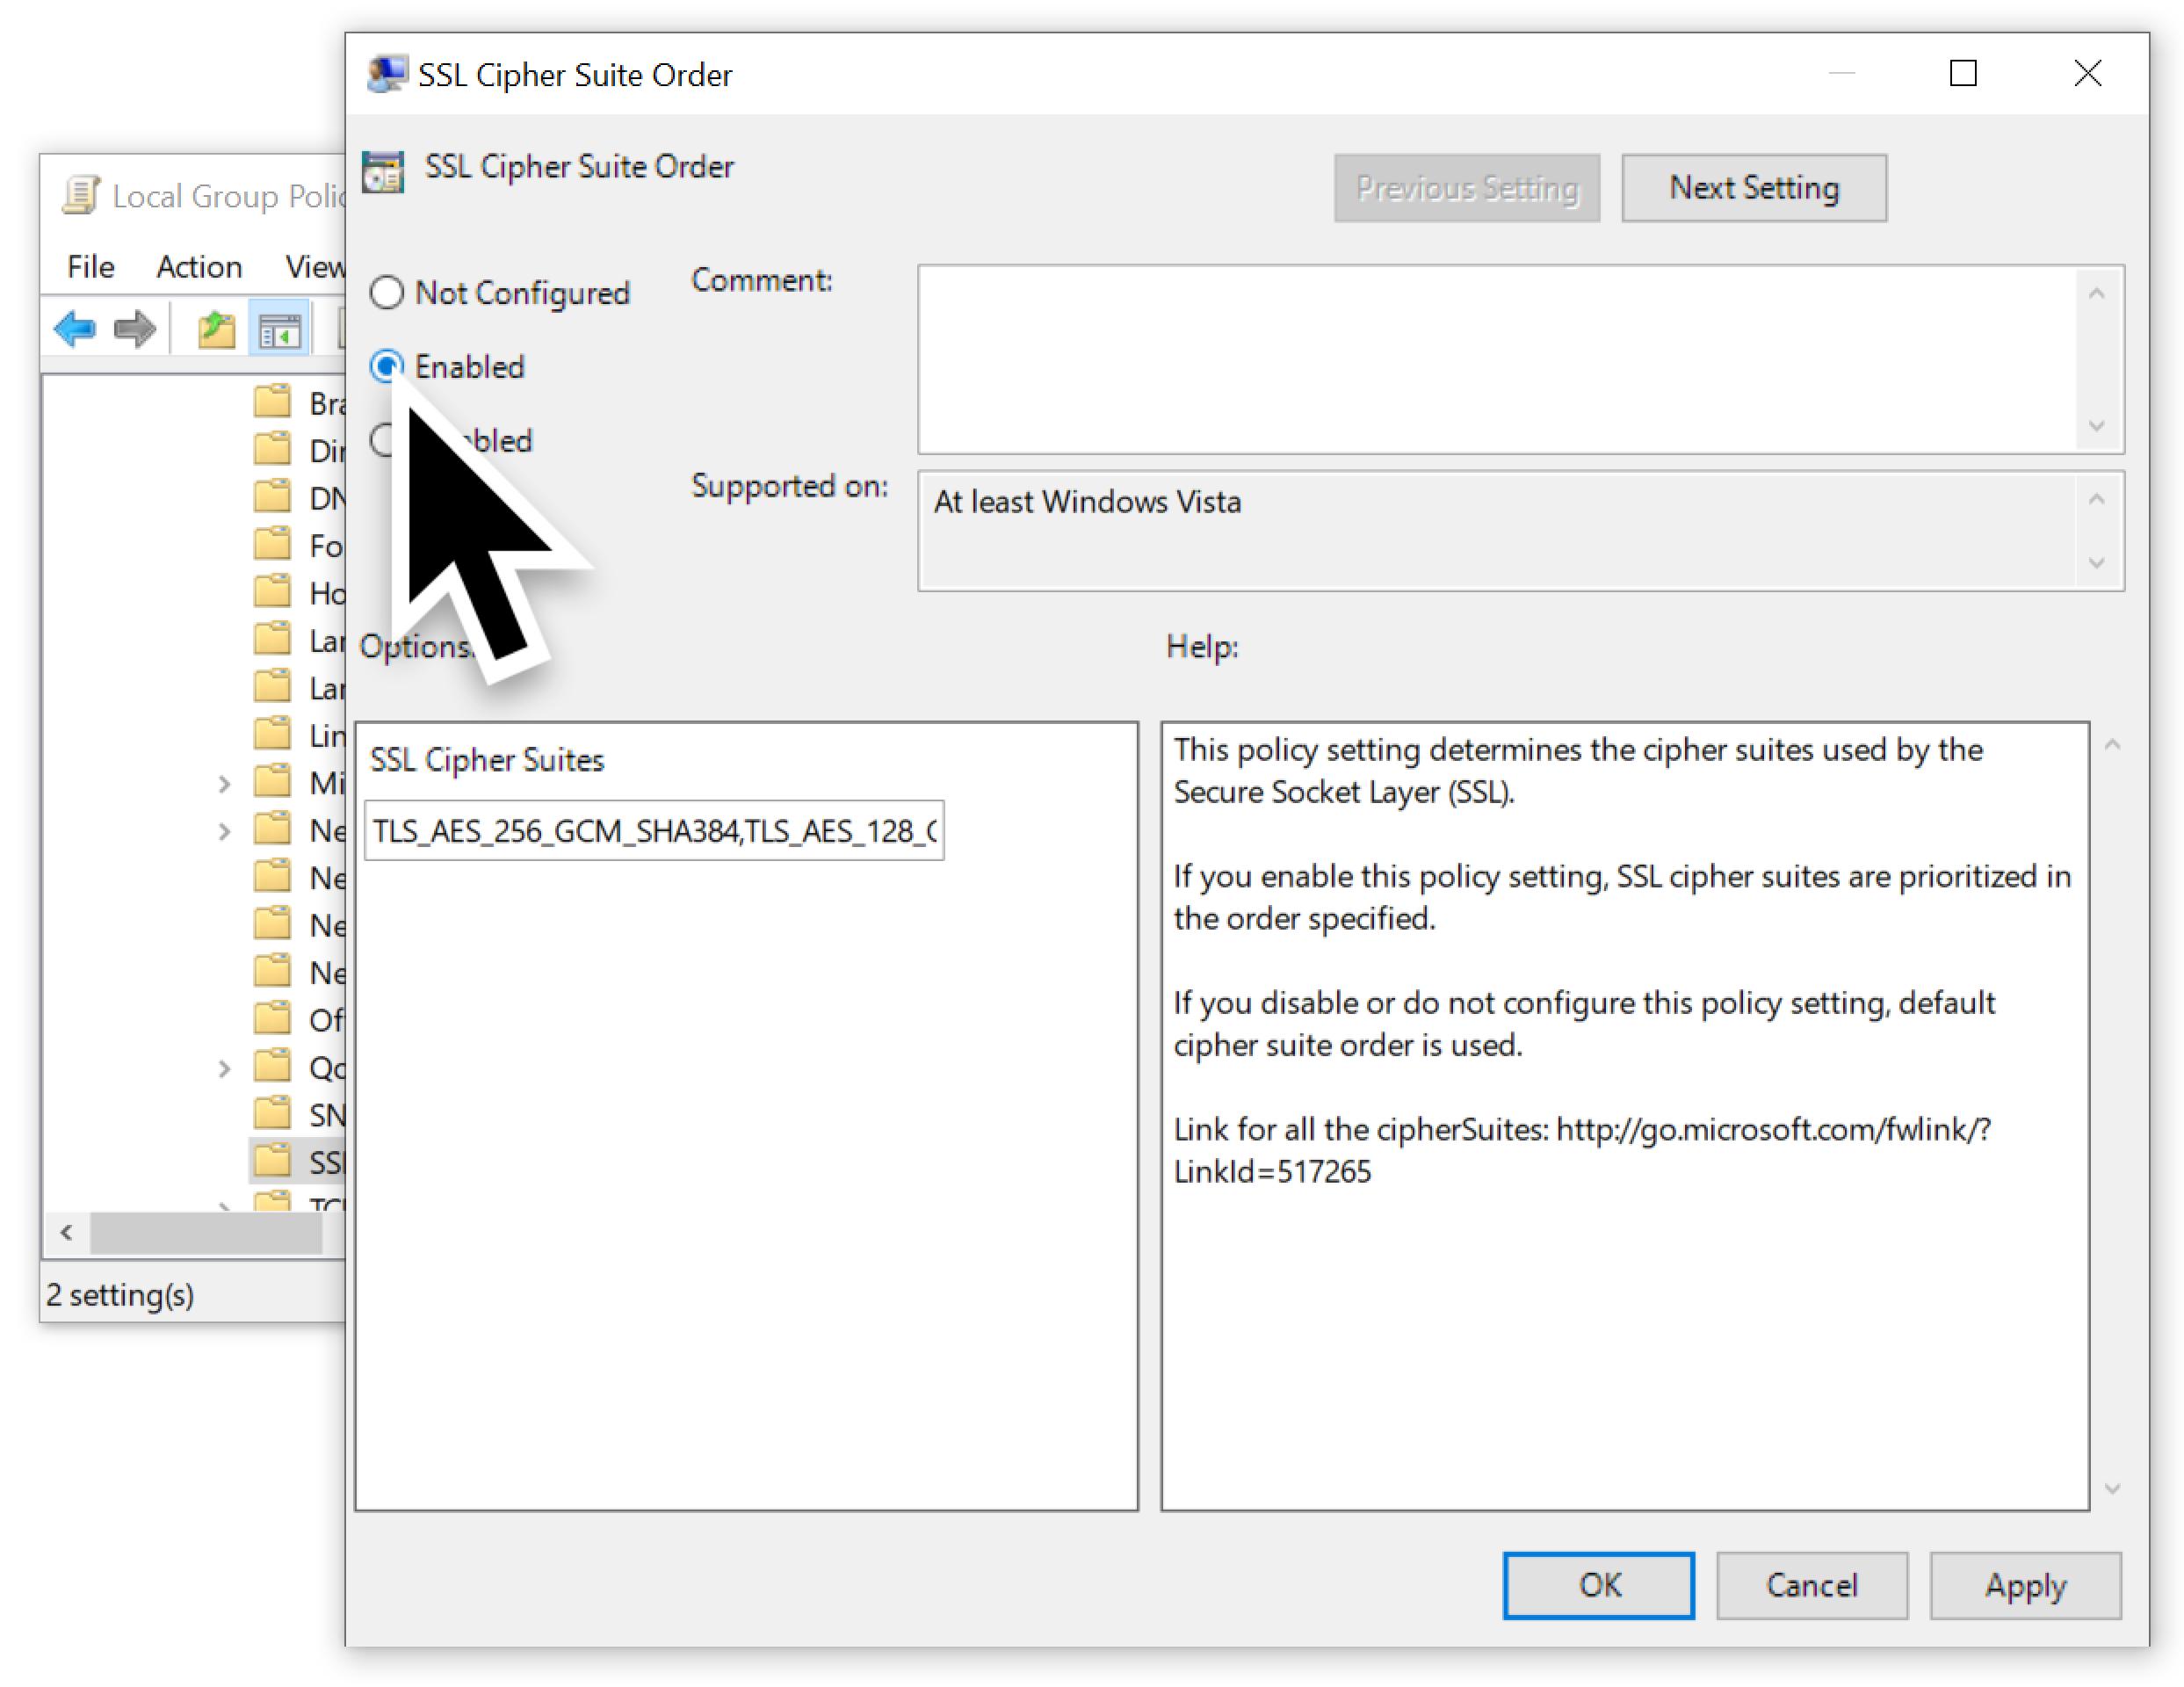 大きい黒矢印は [SSL暗号の順位] を有効化するためにクリックする場所を示しています。スクリーンショットの中の説明「このポリシー設定は、Secure Socket Layer(SSL)で使用する暗号を決定します。このポリシー設定を有効にした場合、指定されている順位で SSL 暗号が優先されます。」